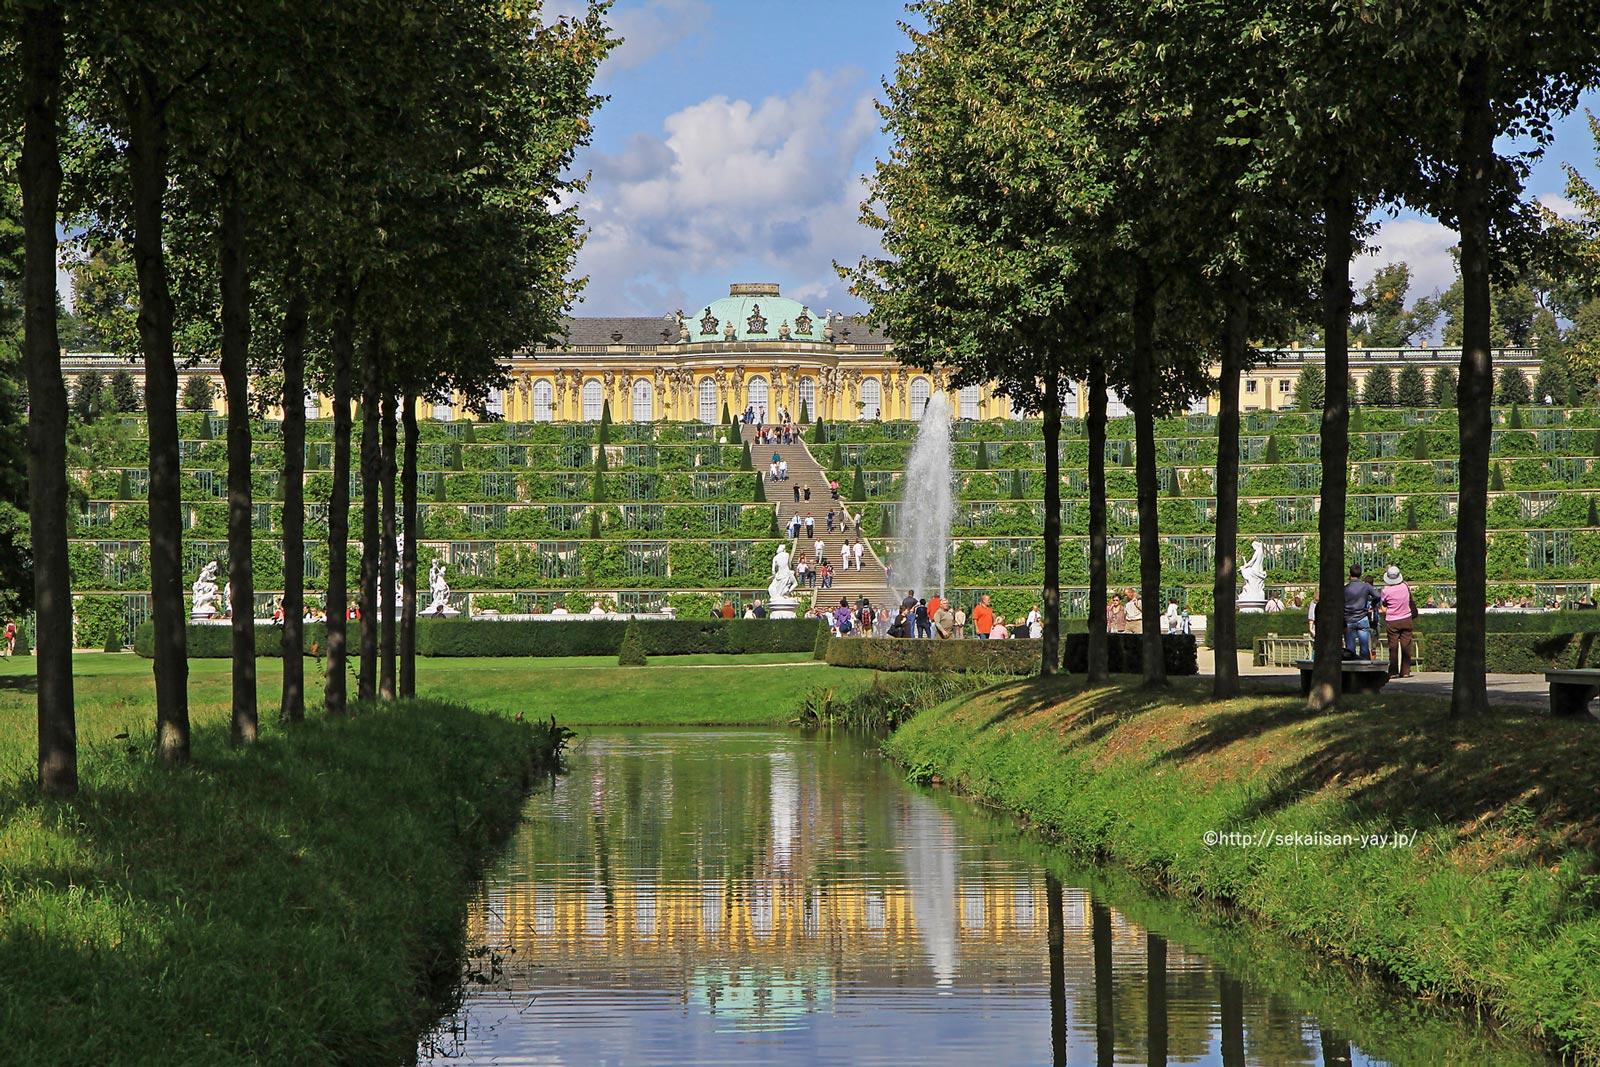 ドイツ「ポツダムとベルリンの宮殿群と公園群」- サンスーシ宮殿